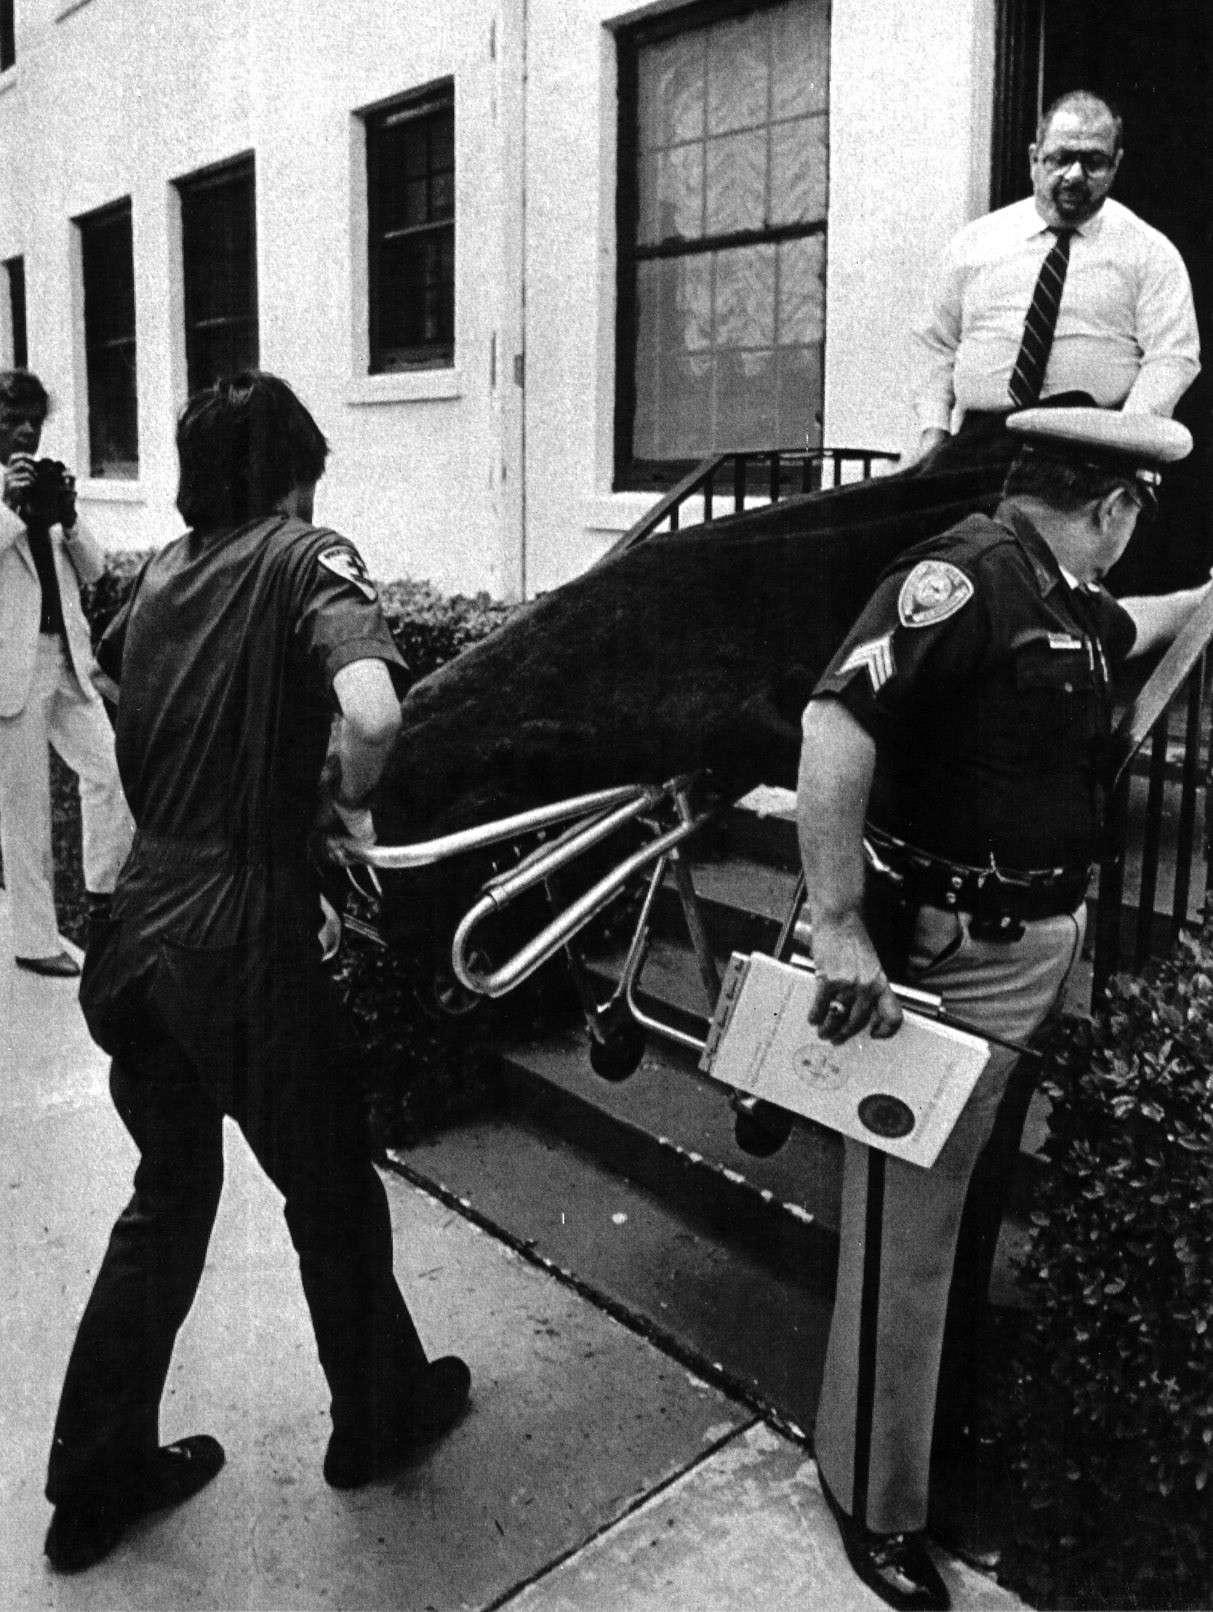 Le corps de David Anthony Kennedy est évacué de l'hôtel (25.04.1983)